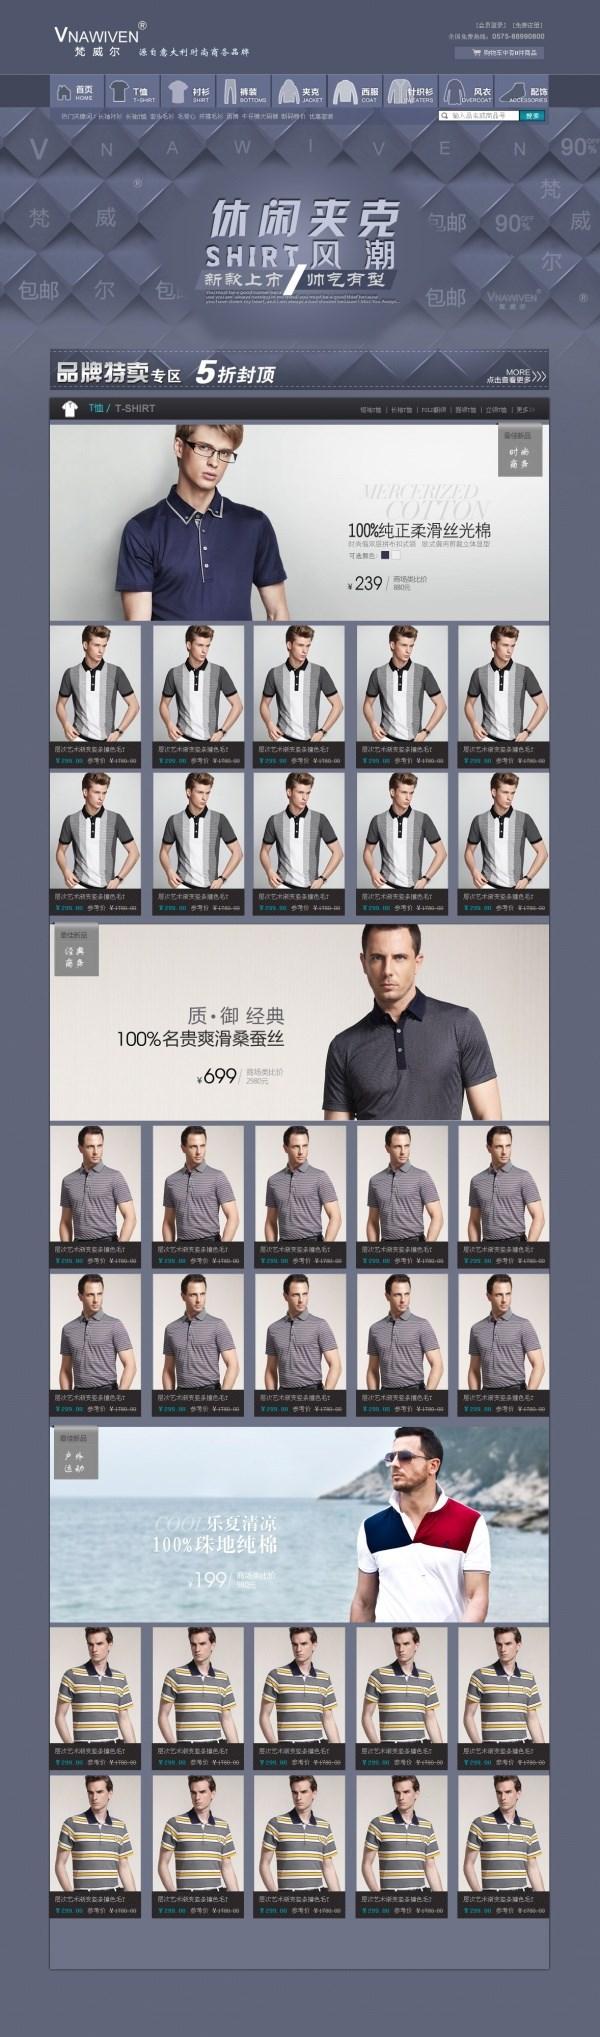 Taobao menswear shop decoration design PSD template